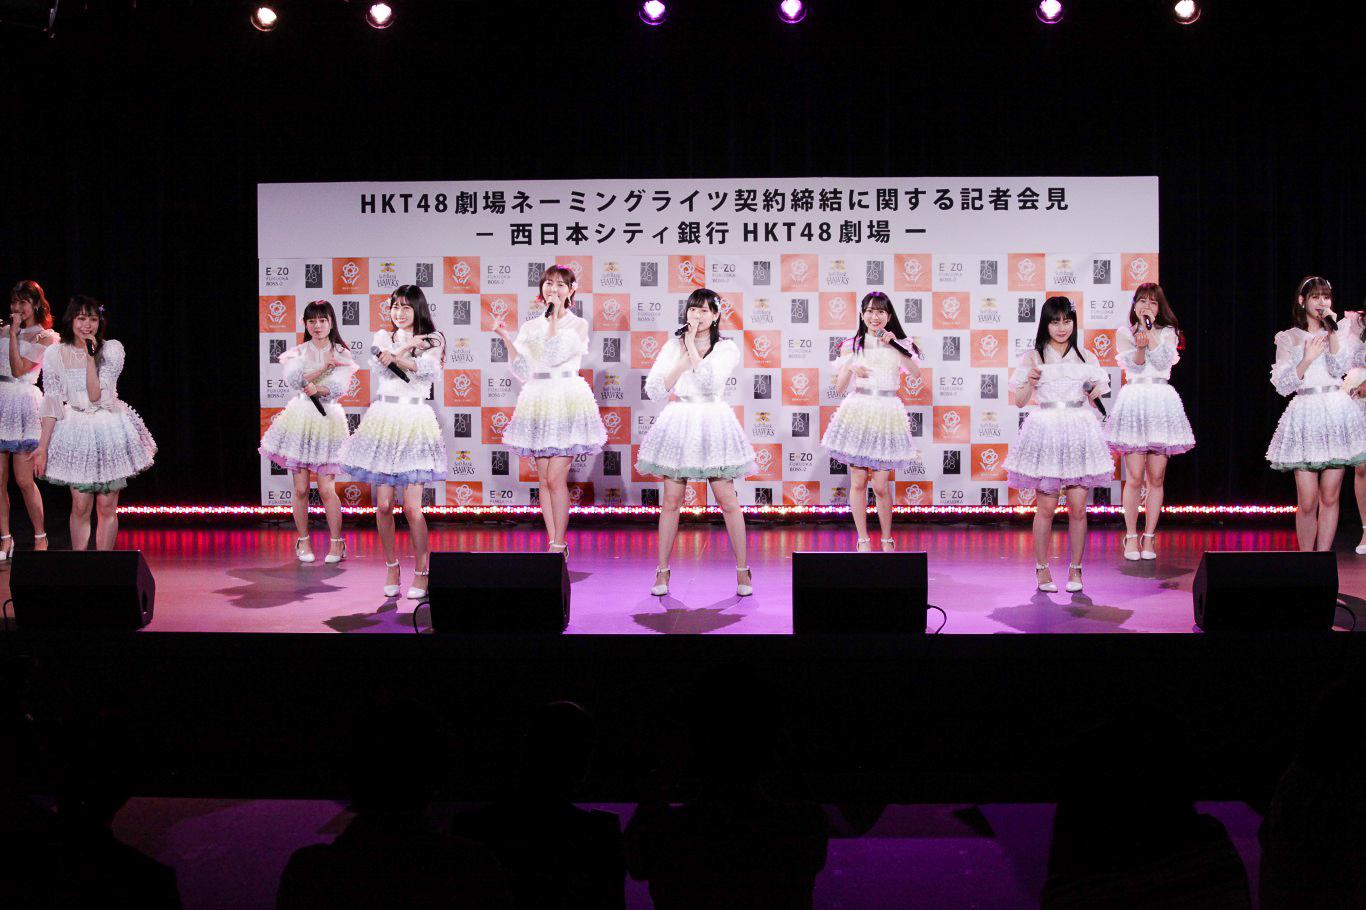 16名のメンバーがステージいっぱいに歌とダンスで「青春の出口」を披露③